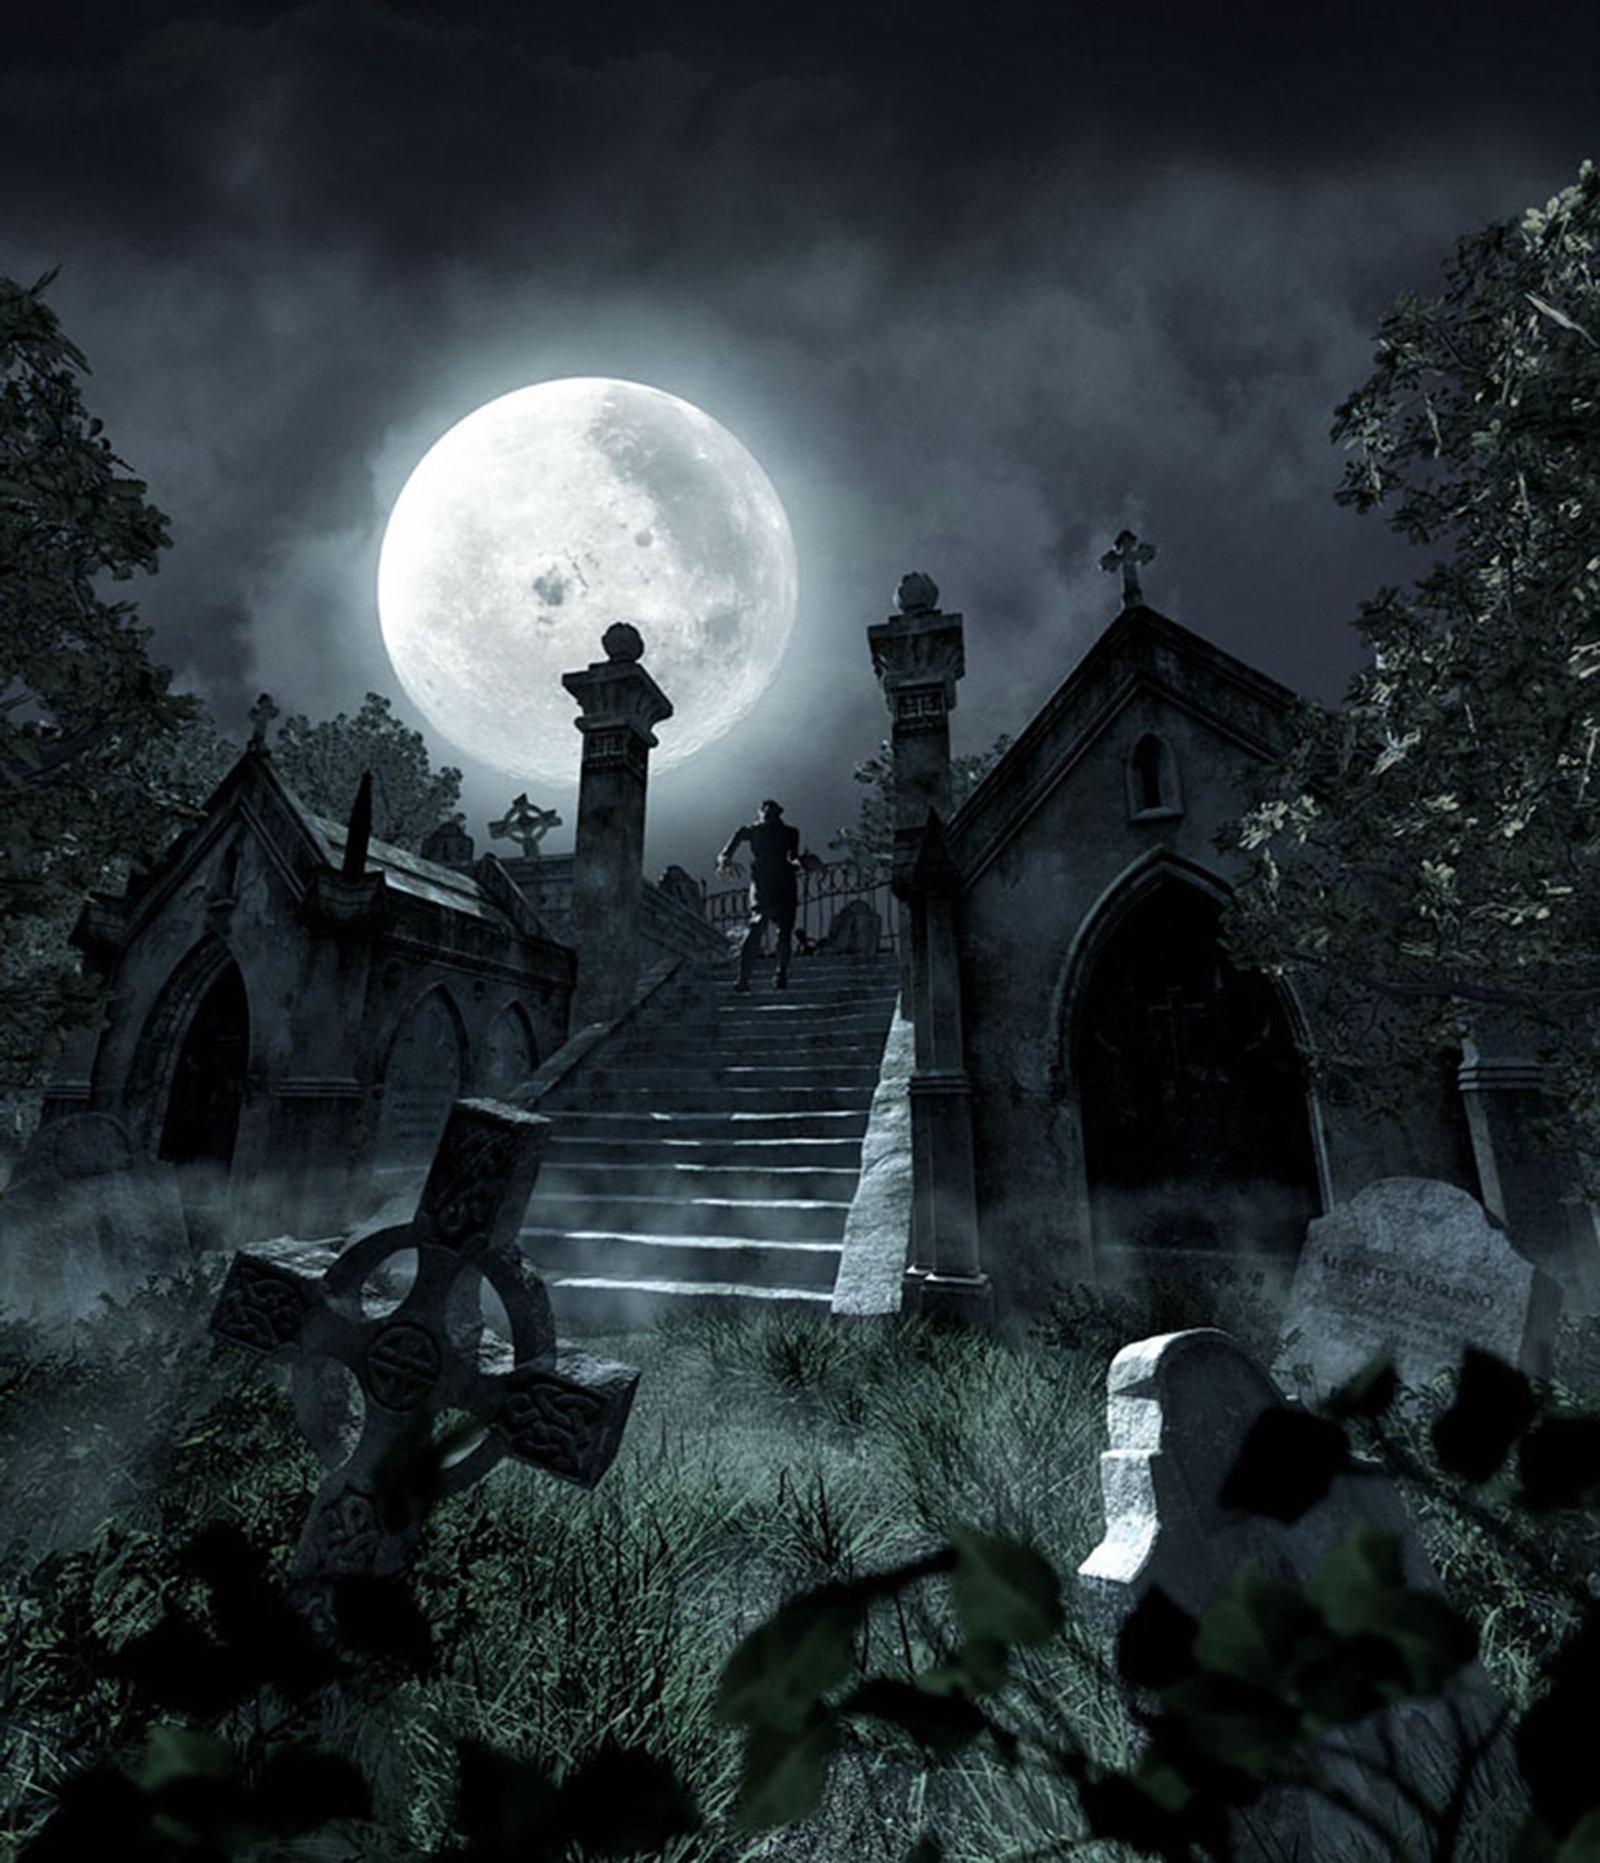 graveyard_full_moon_by_myjavier007-d6773jj.jpg